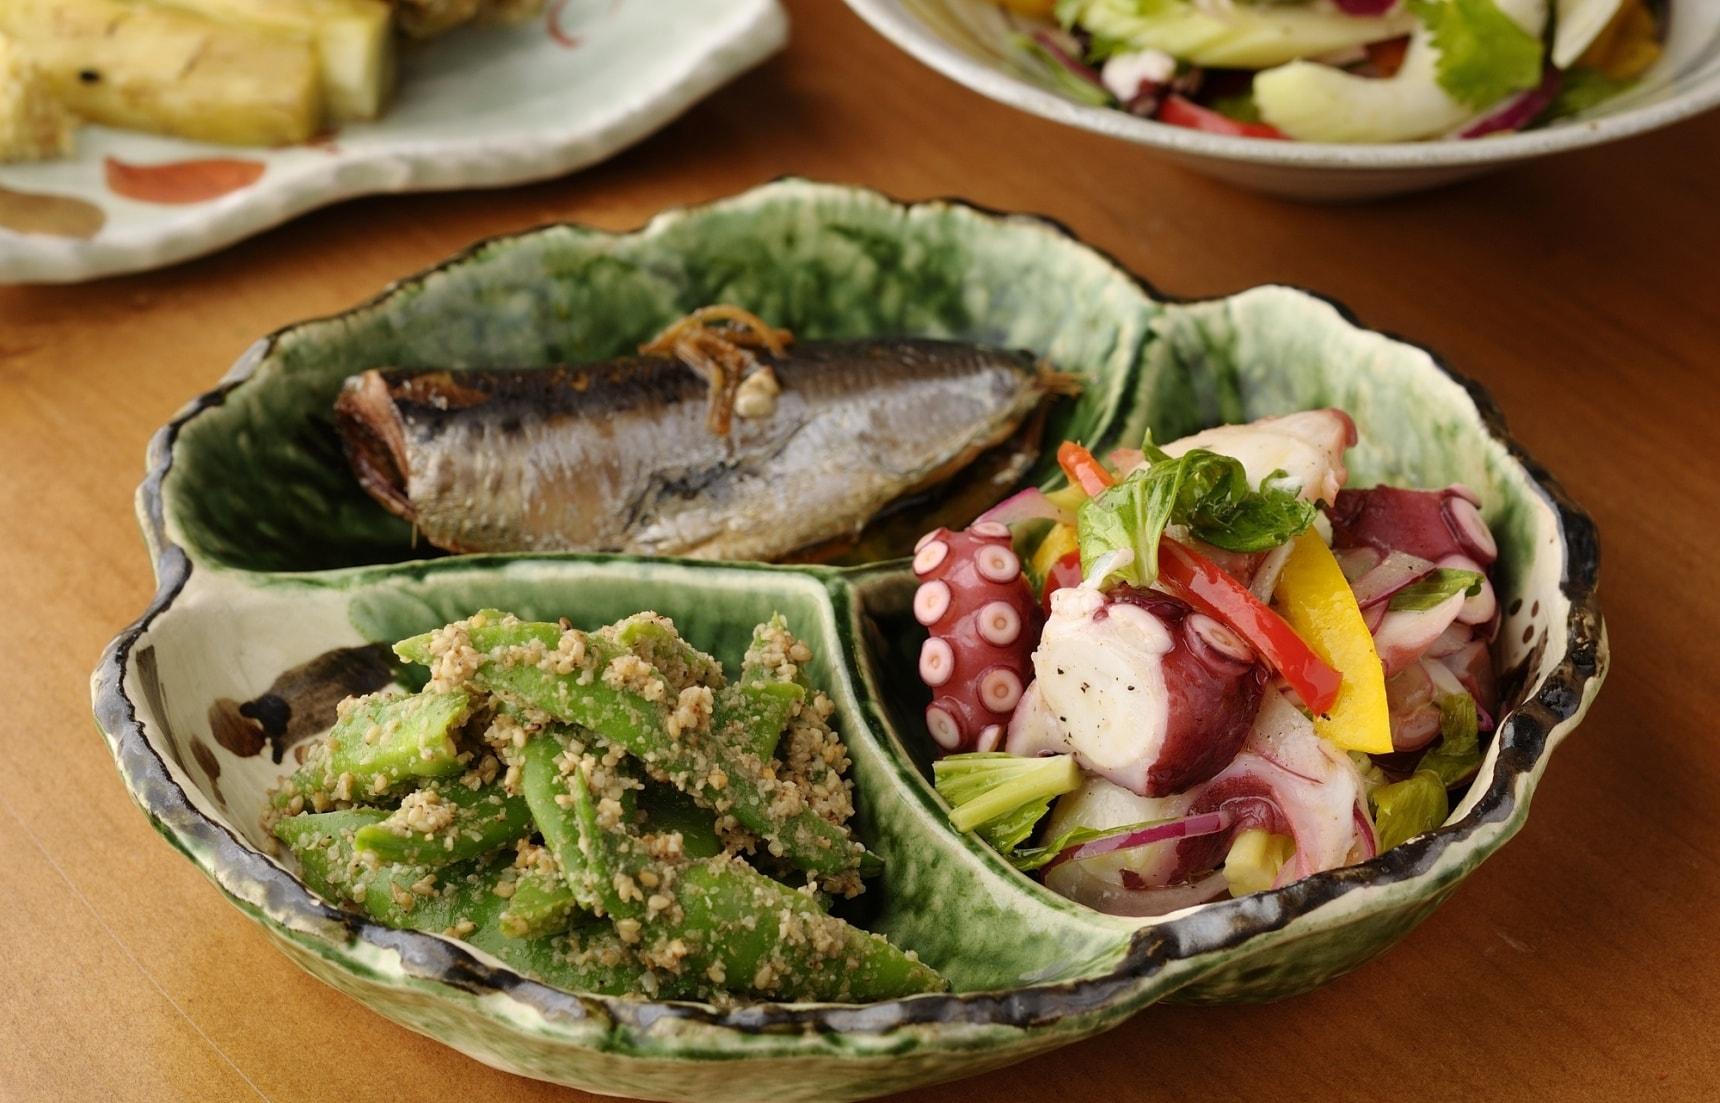 【京都美食】在地人吃的美味!京都傳統的家庭料理「Adachi」